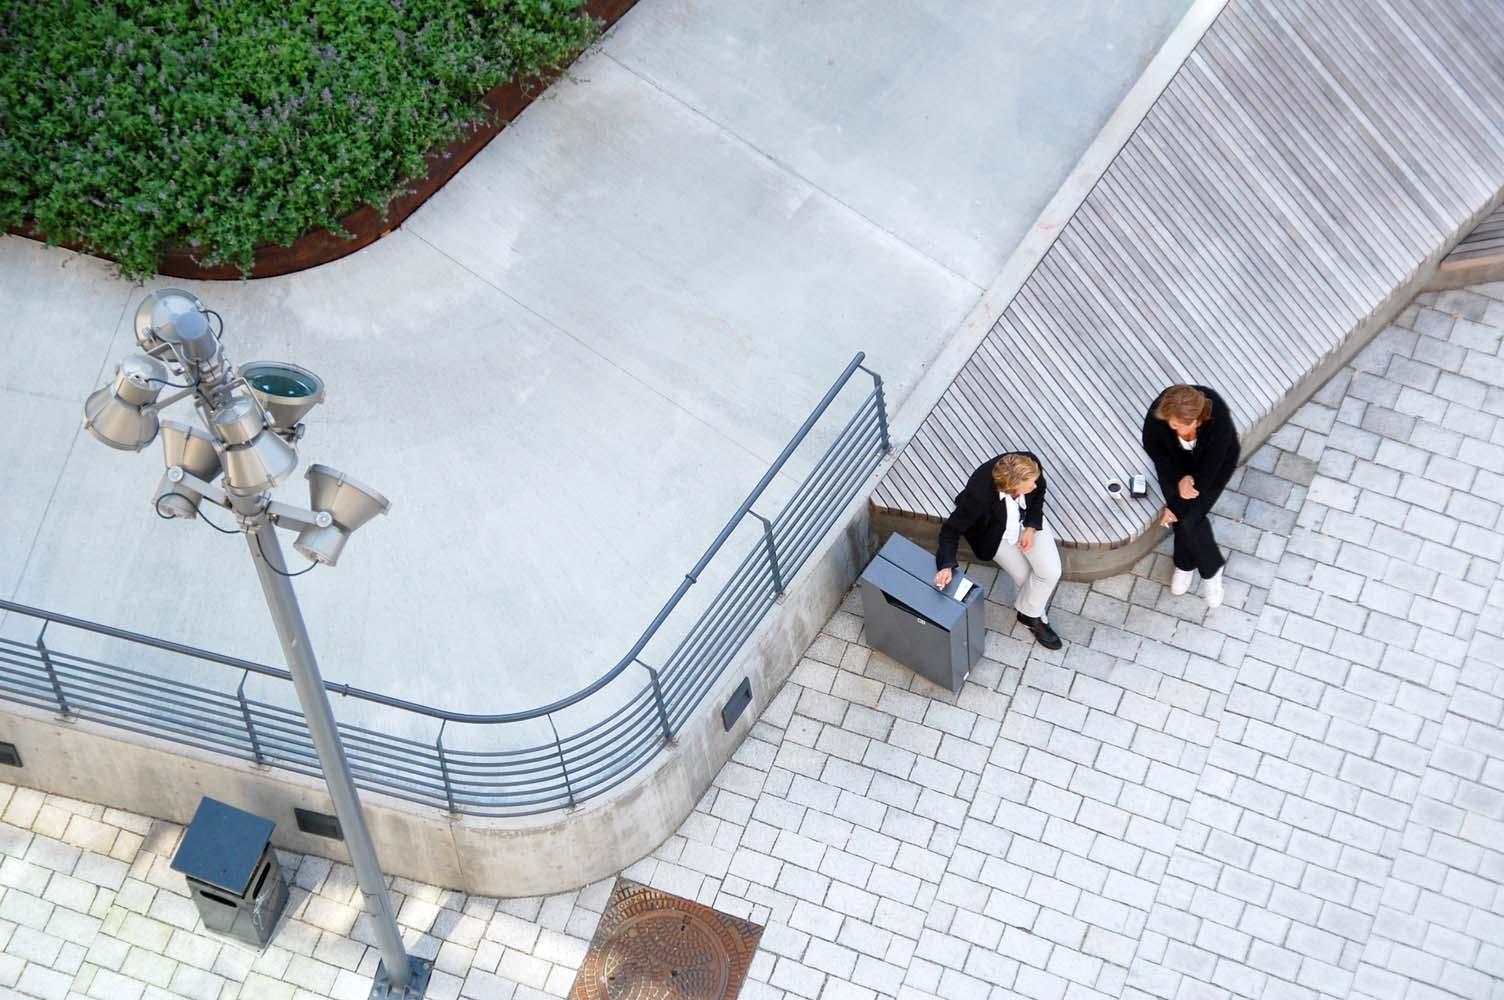 Pladsen giver rig mulighed for at man sidde i det åbne byrum.